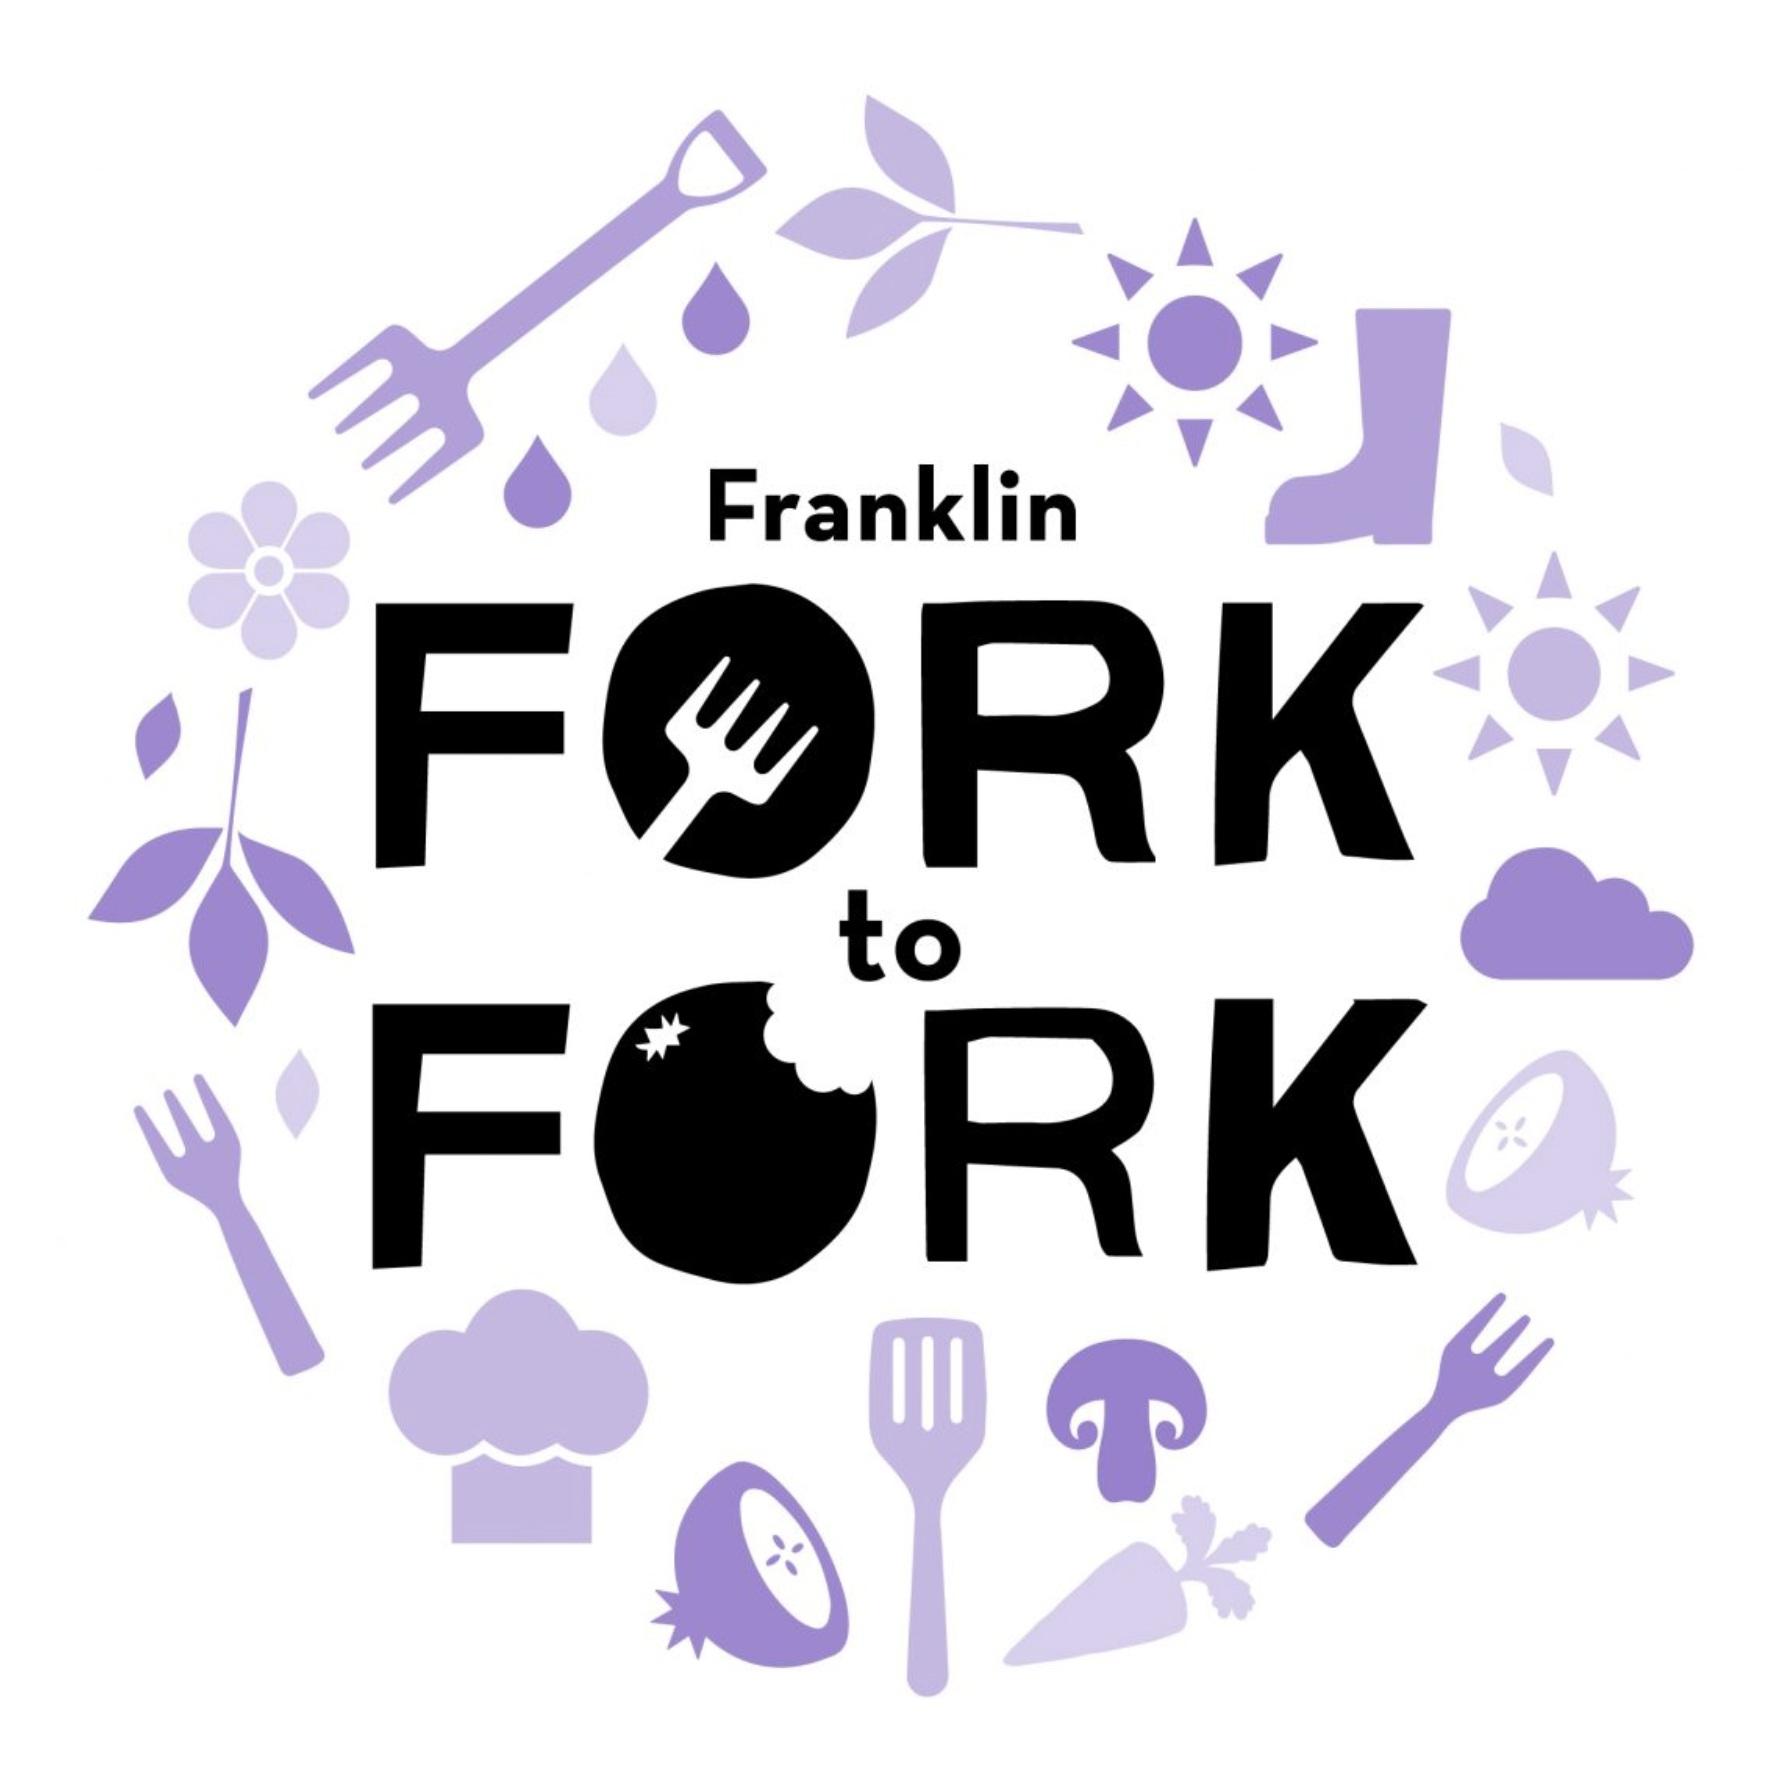 fork+to+fork.jpg